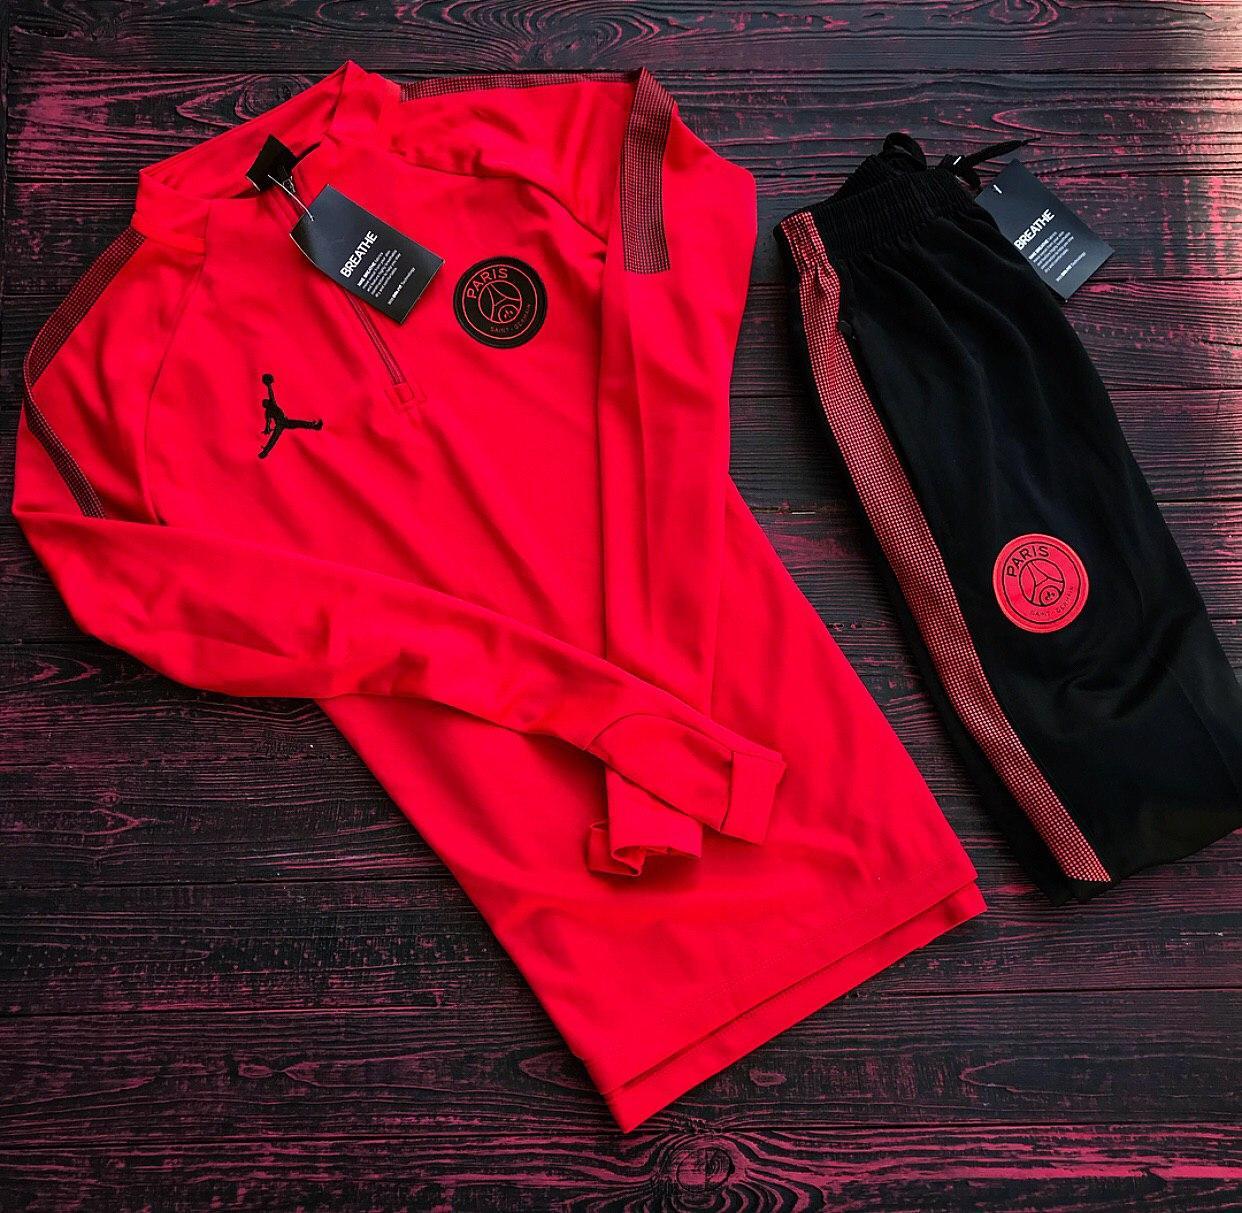 8d8b41cd Спортивный (тренировочный ) костюм PSG Jordan 2018-2019 сезона - Sport  Exclusive магазин футбольной